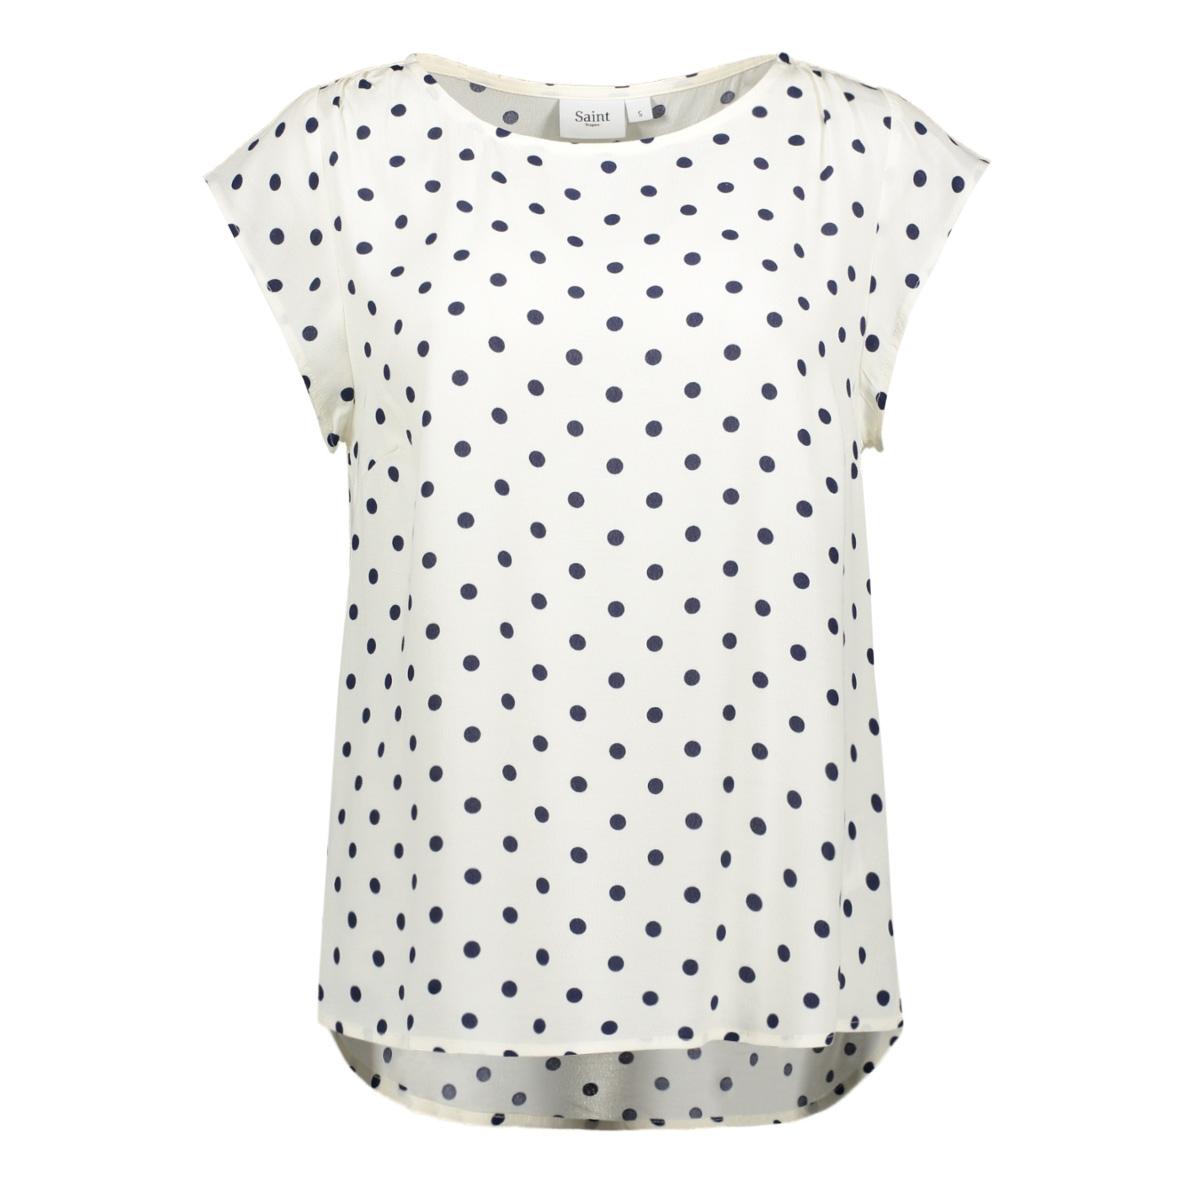 t shirt met stippen print t1131 saint tropez t-shirt 1053